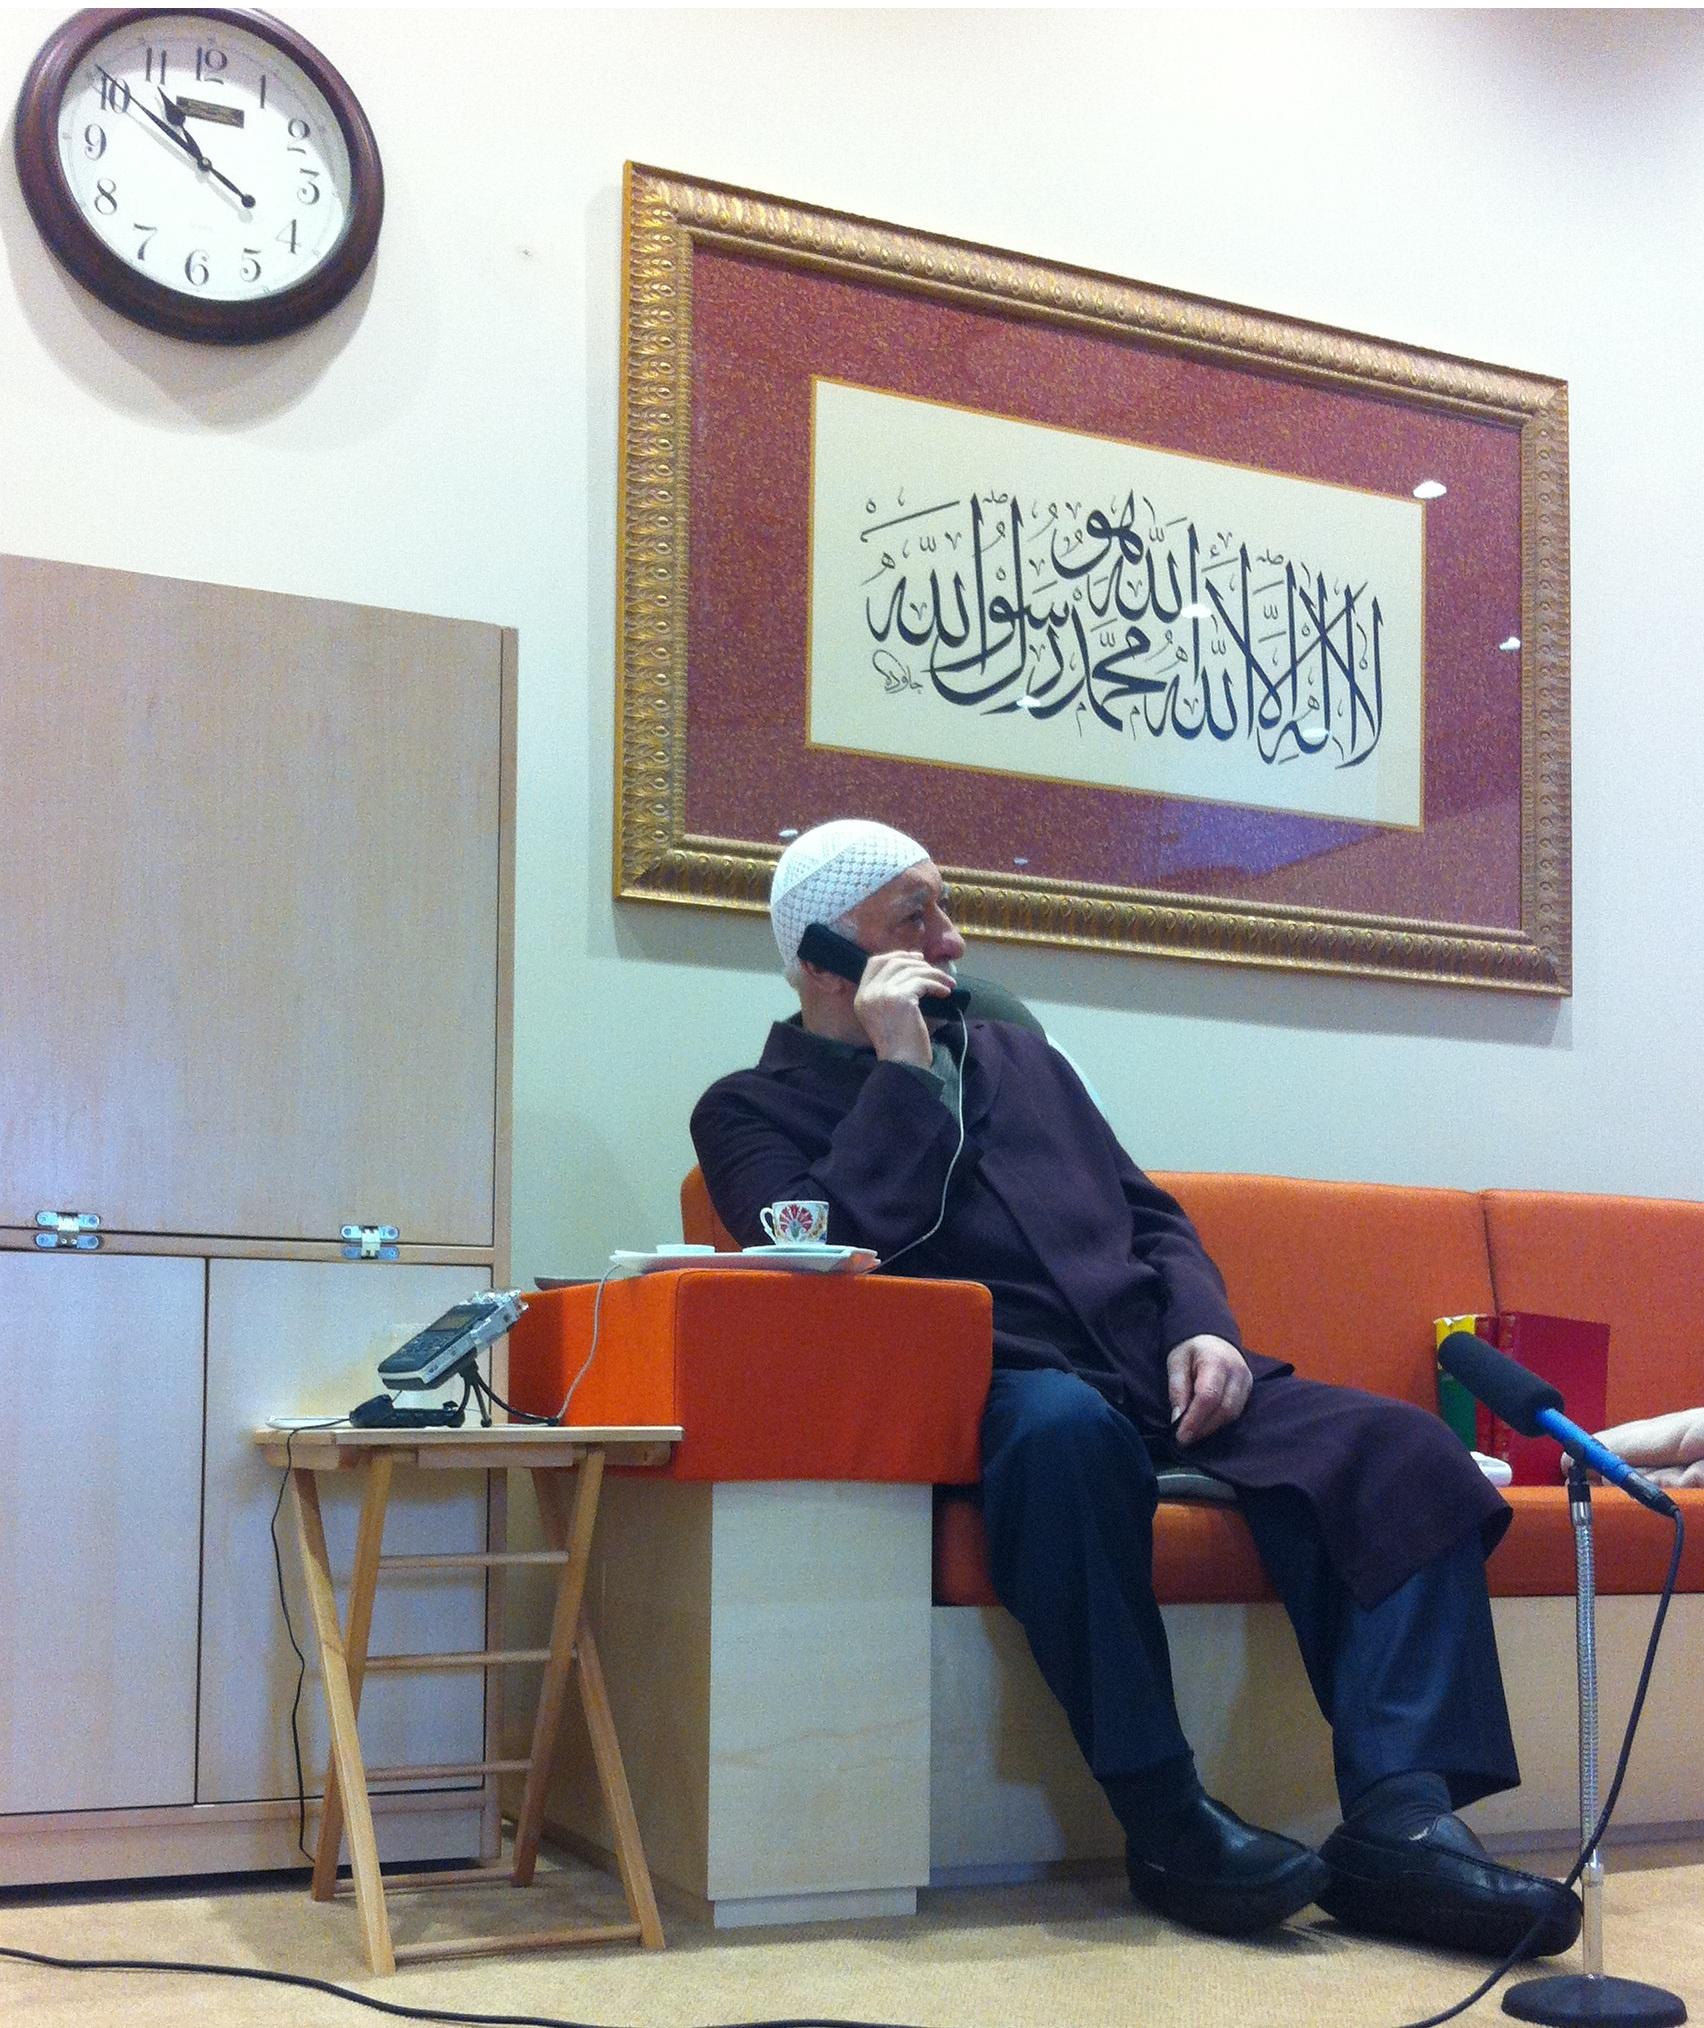 Bu sabahki iki ders arasında Muhterem Fethullah Gülen Hocaefendi  telefonla konuşurken: